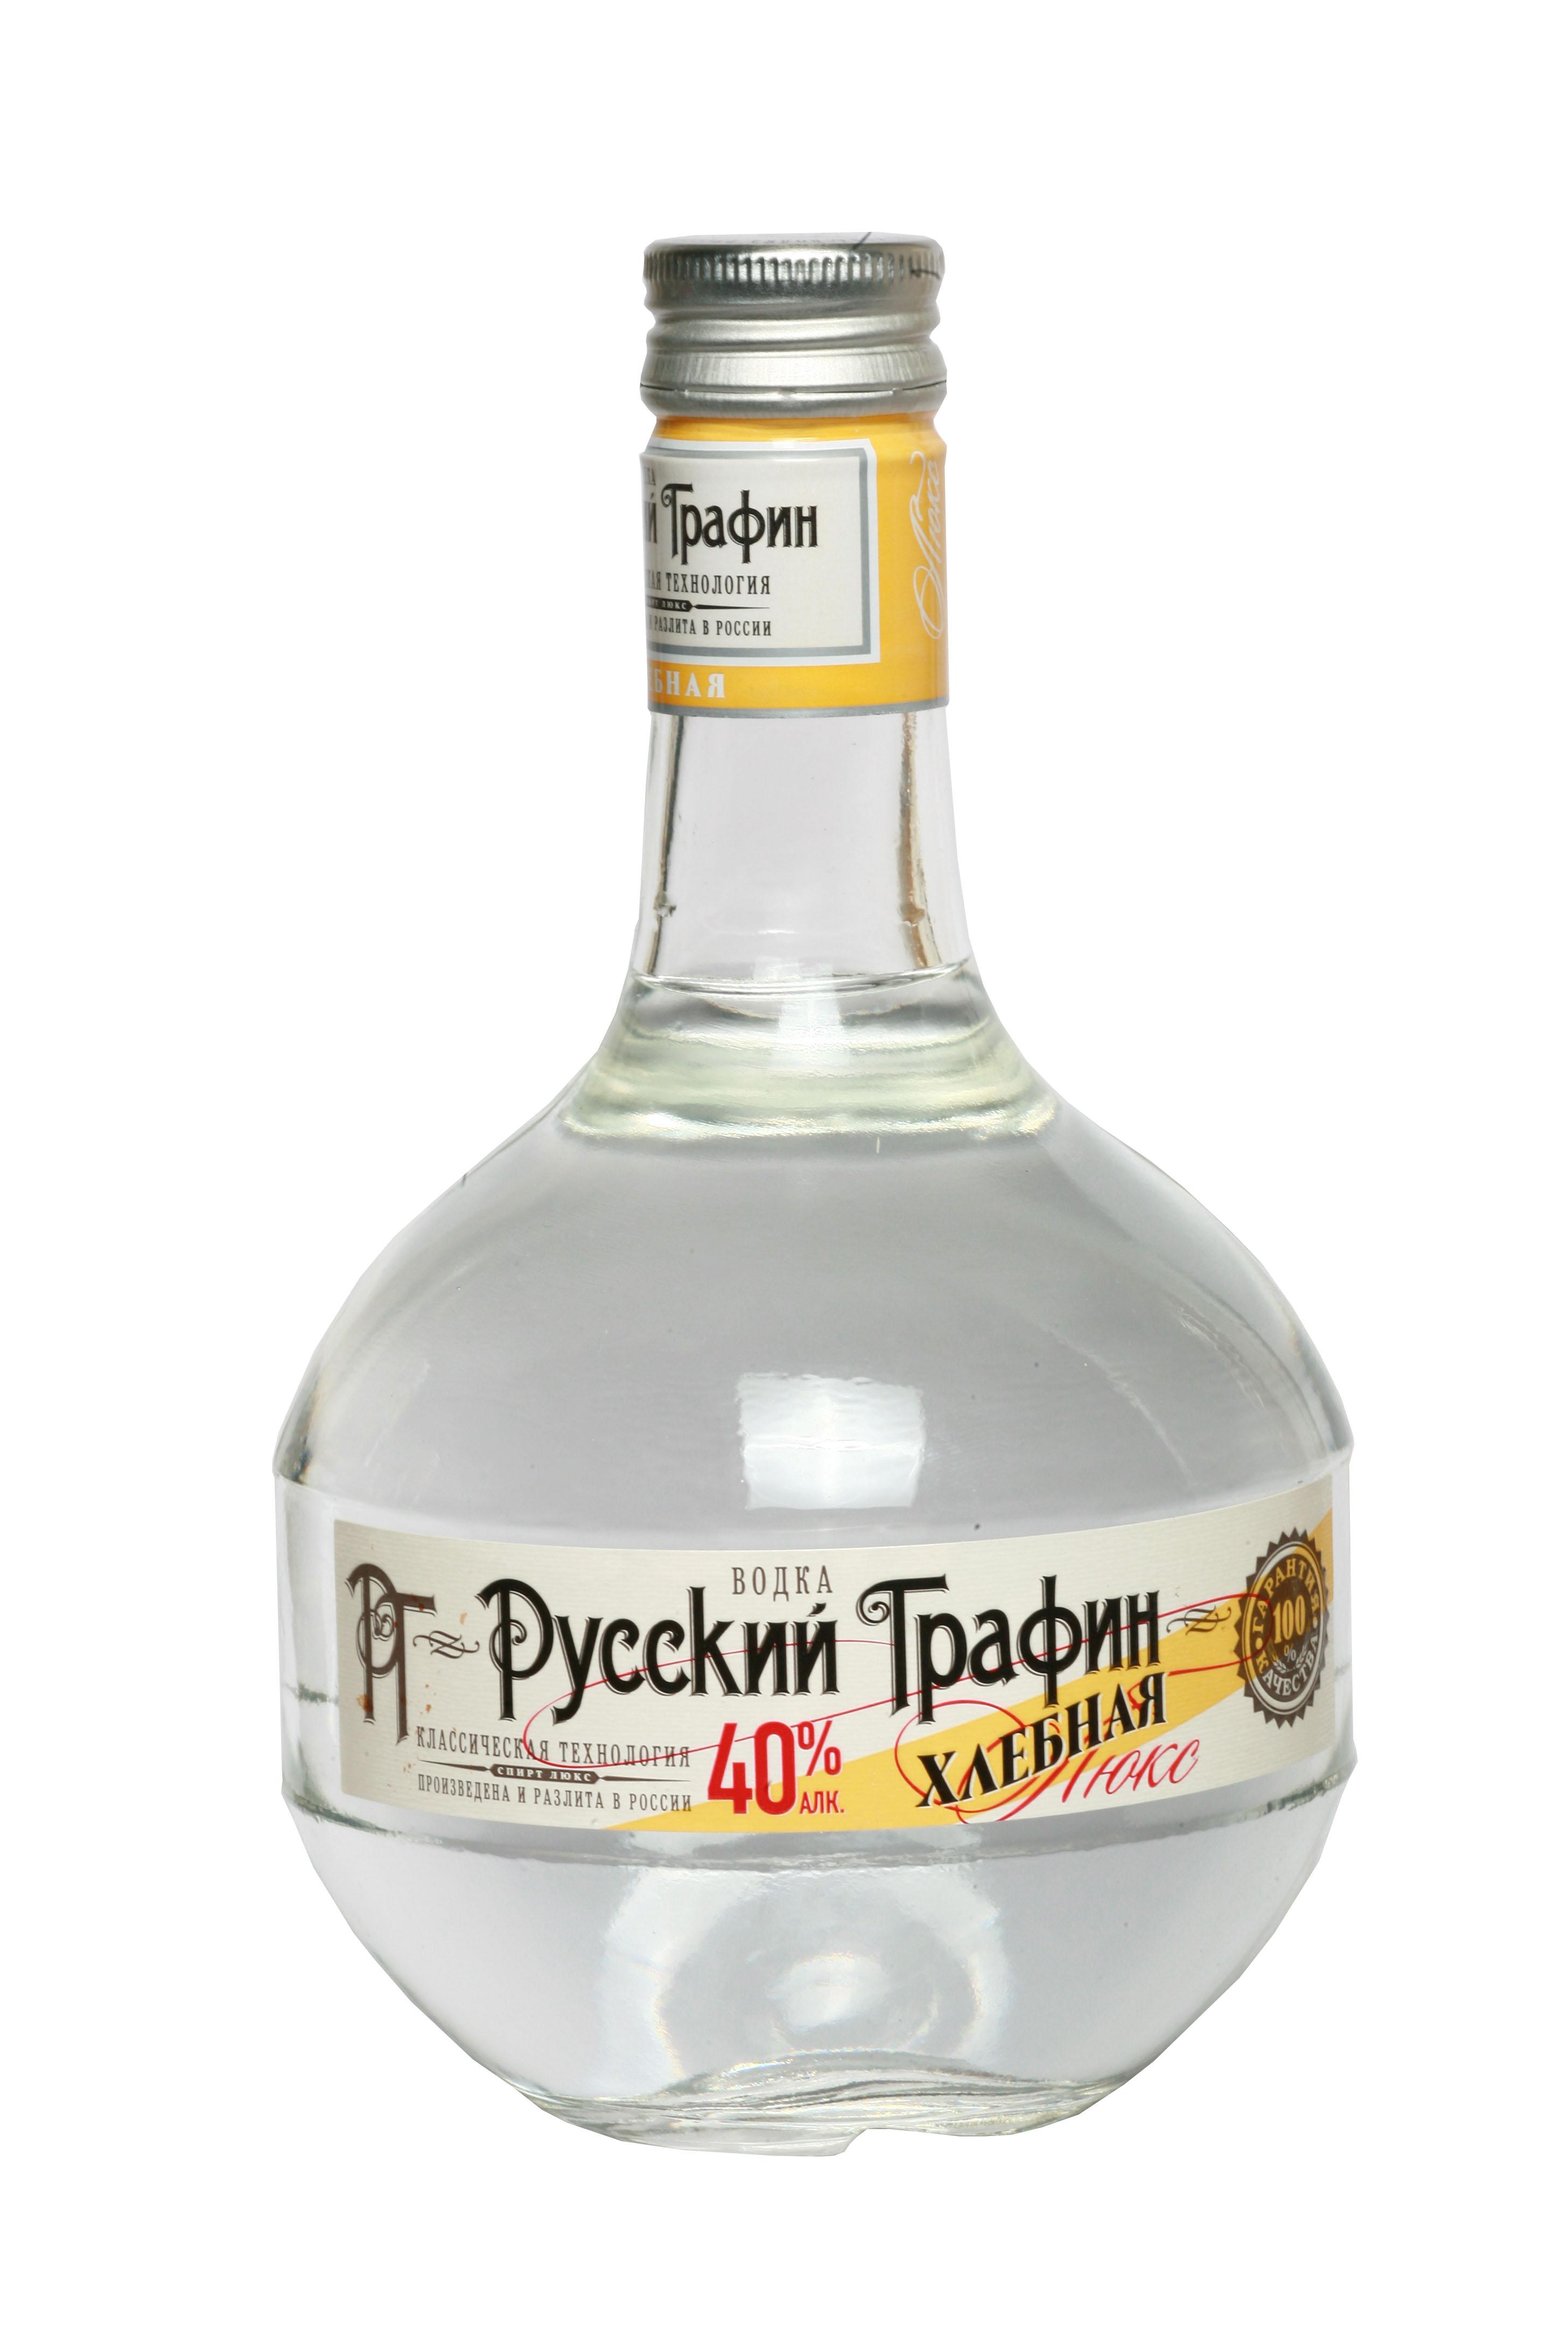 Купить Оптом Казахстанский Коньяк